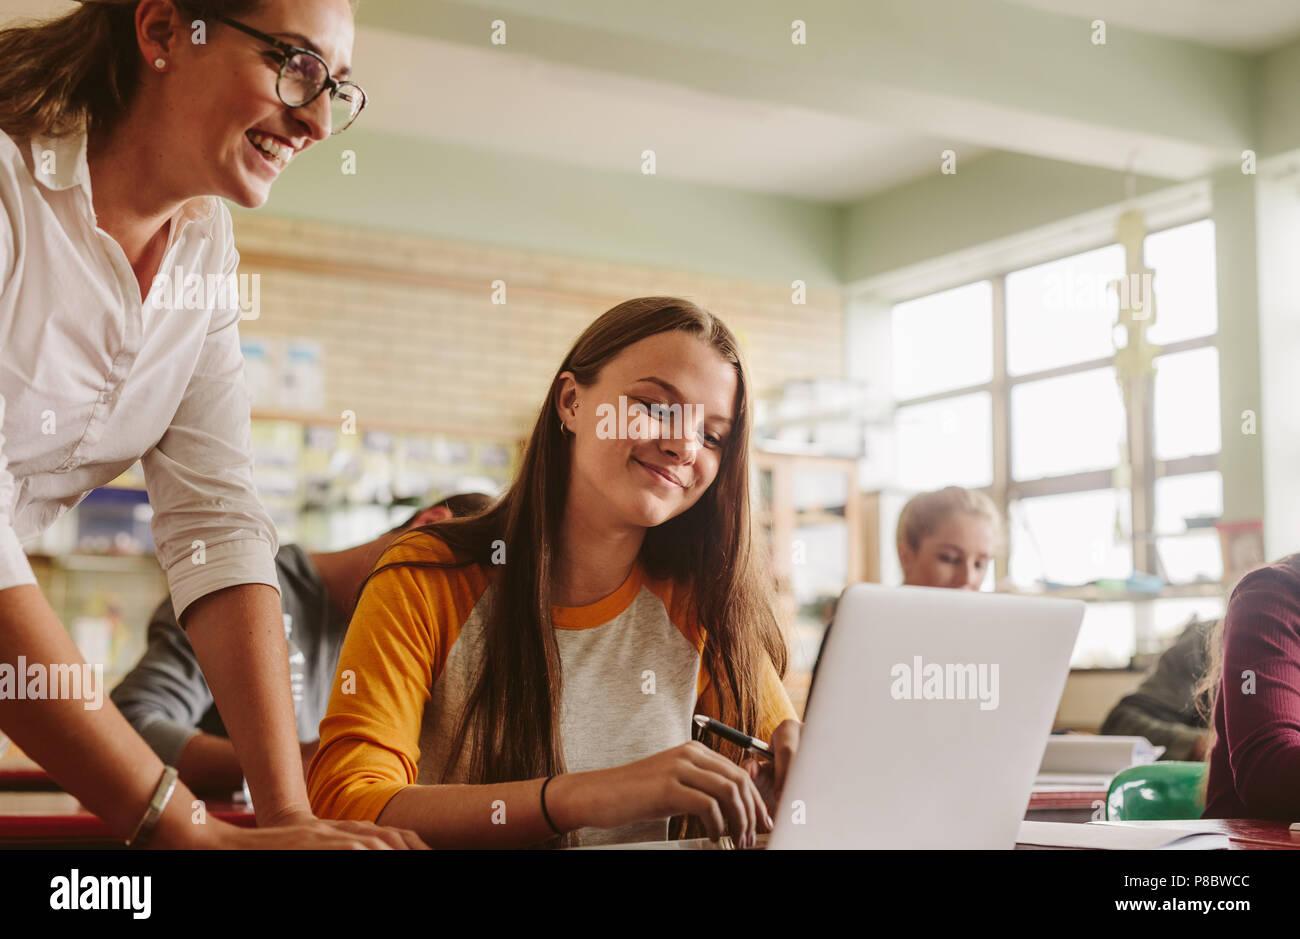 Giovane donna lo studio sul computer portatile con insegnante in attesa nella classe. Insegnante di scuola superiore aiutare studenti in aula. Immagini Stock